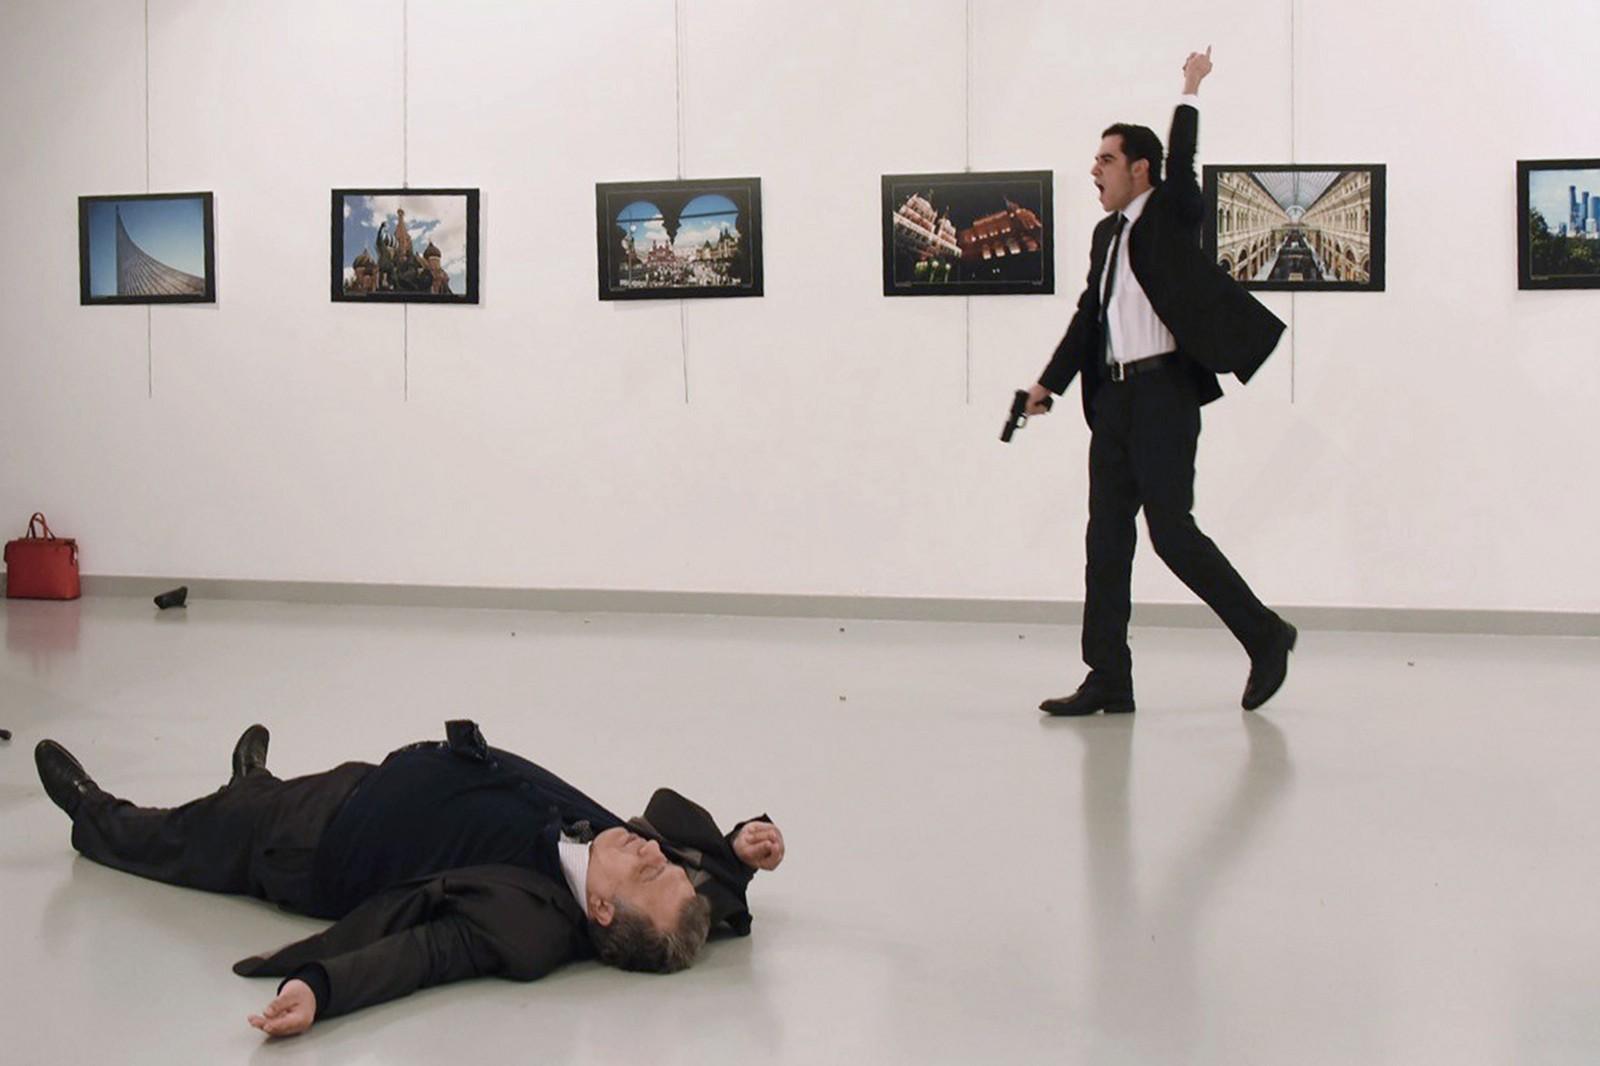 Karlov suikasti iddianamesinde Gülen dahil 28 şüpheli…